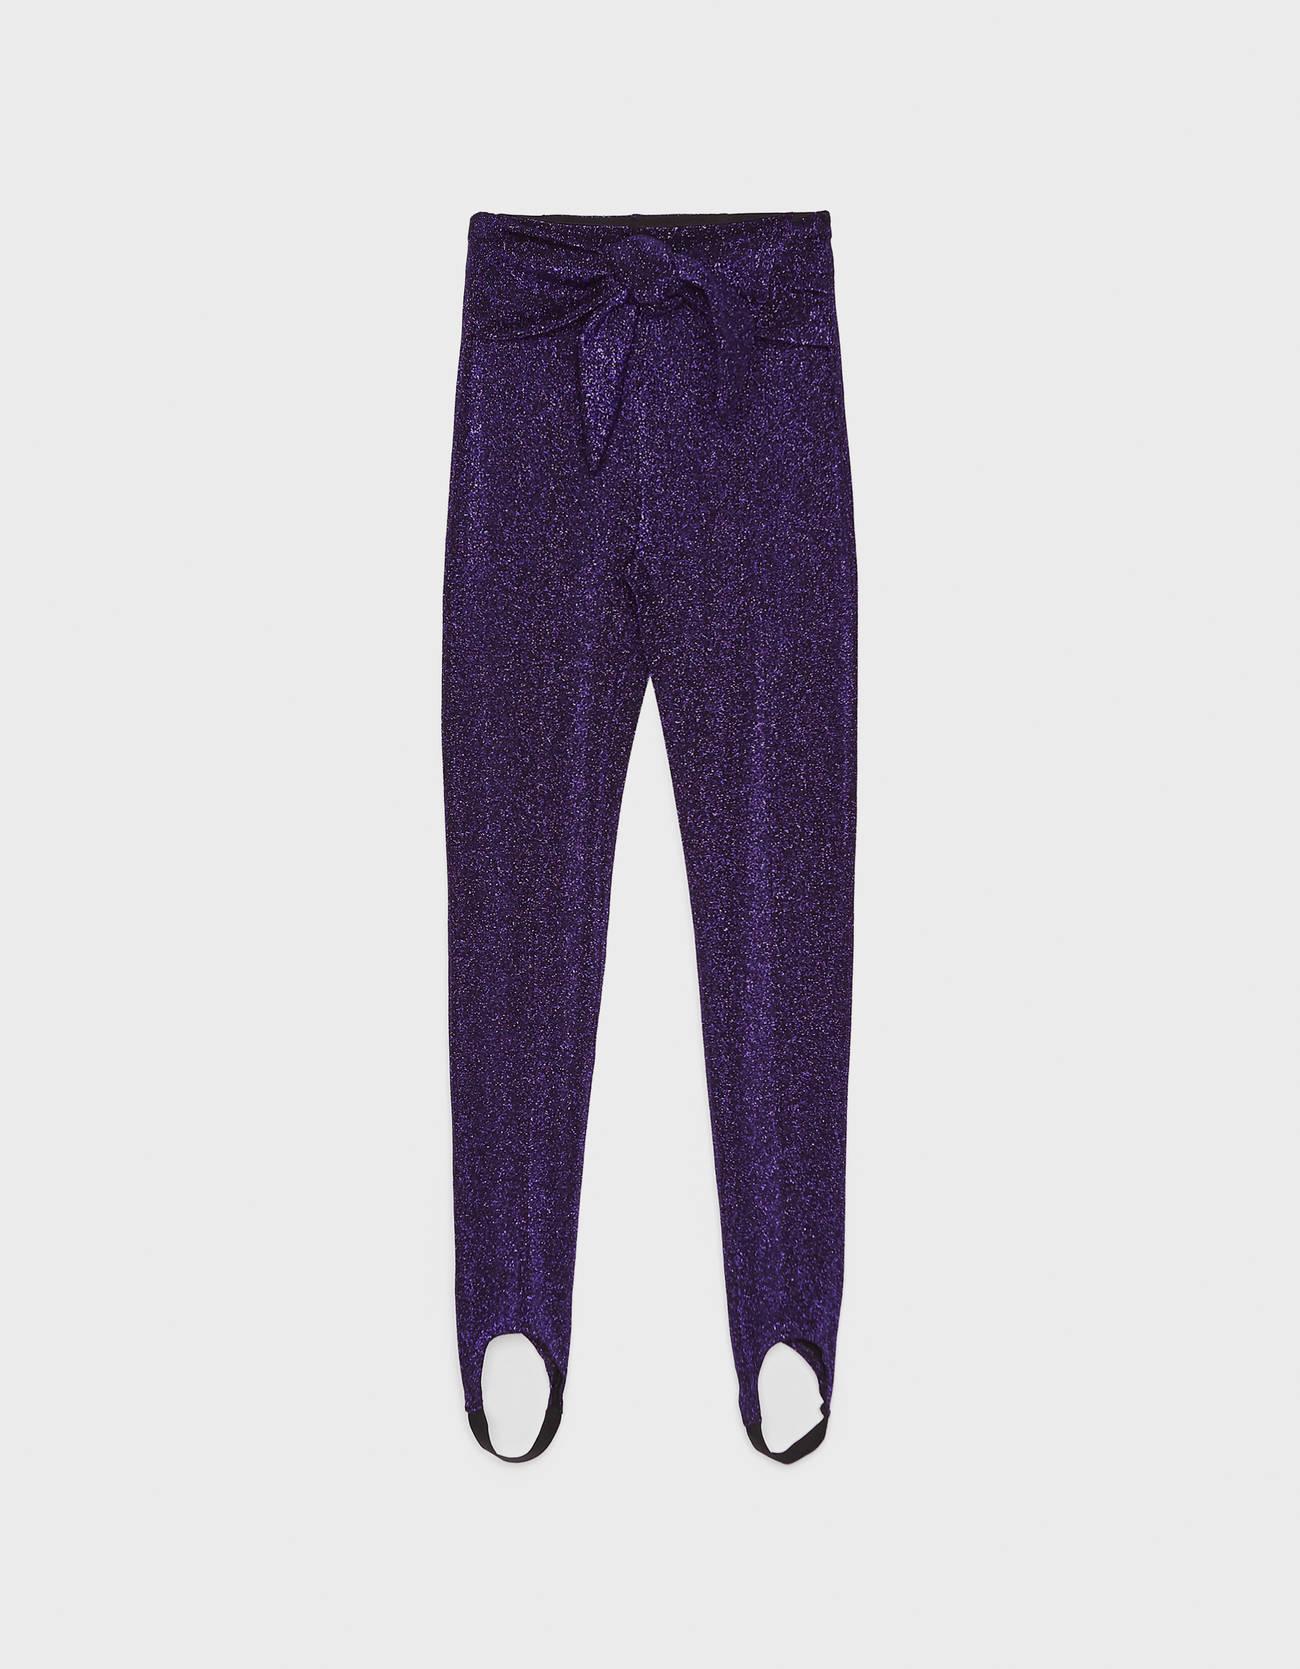 Легинсы с блестящей нитью Фиолетовый Bershka